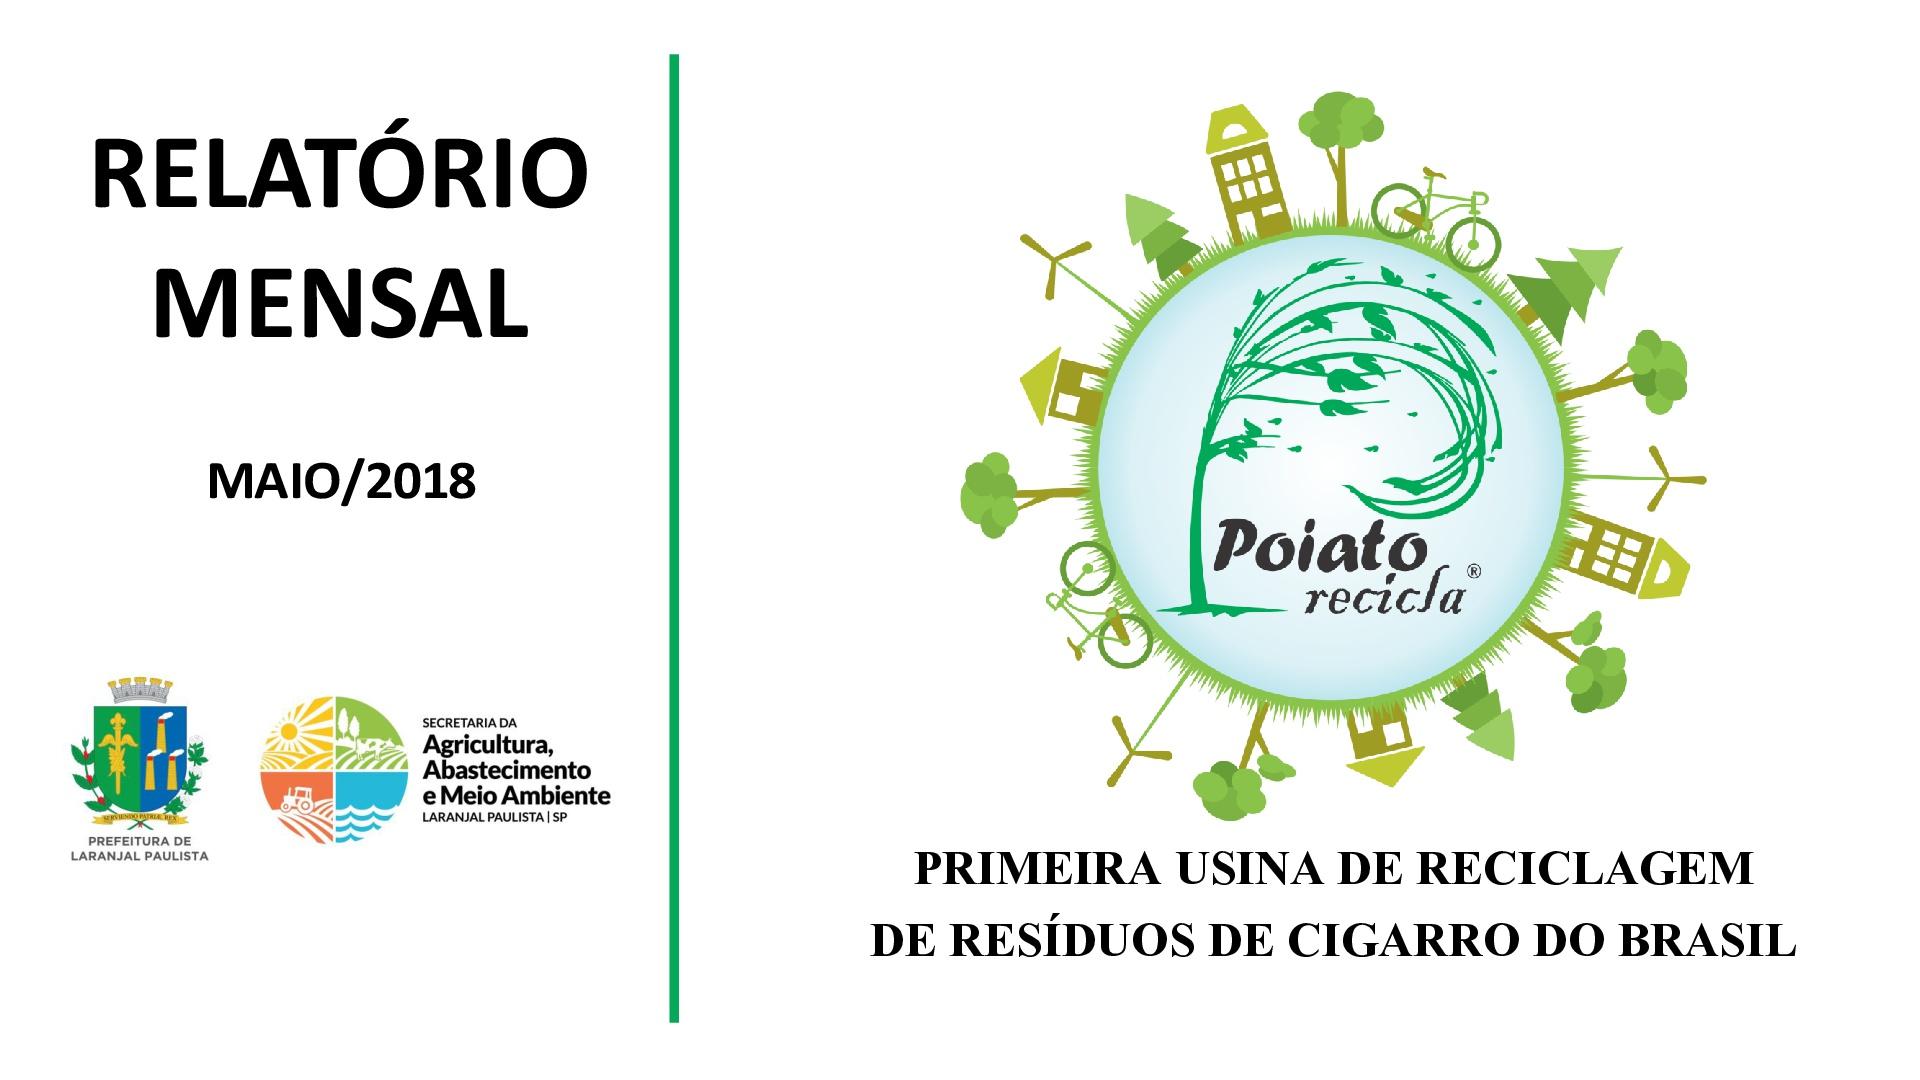 Usina de reciclagem de resíduos de cigarro, apresenta relatório do mês de Maio